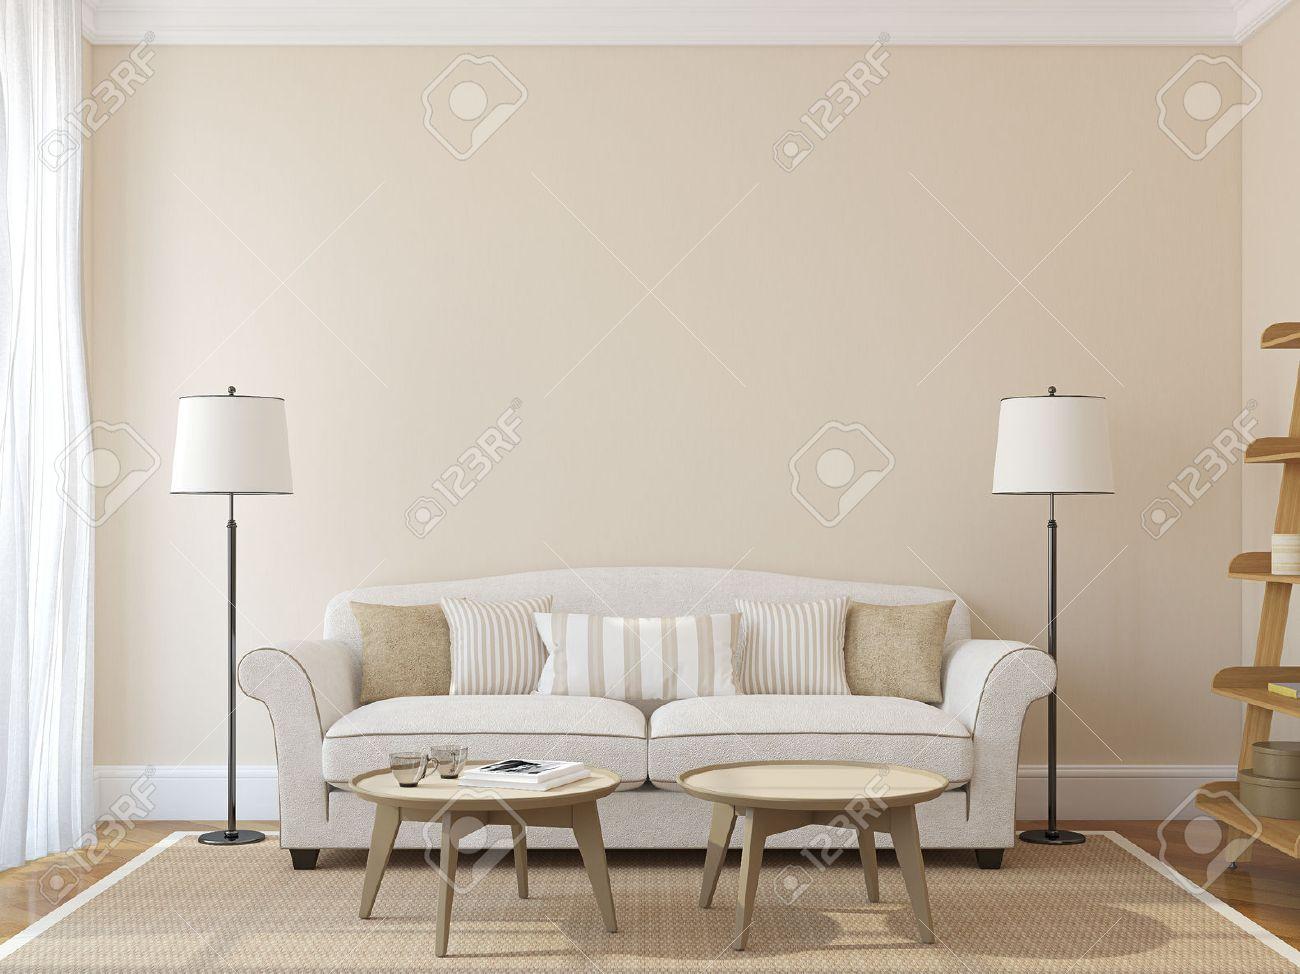 Intérieur Moderne Salon Avec Canapé Blanc Presque Vide Mur Beige. 3d ...